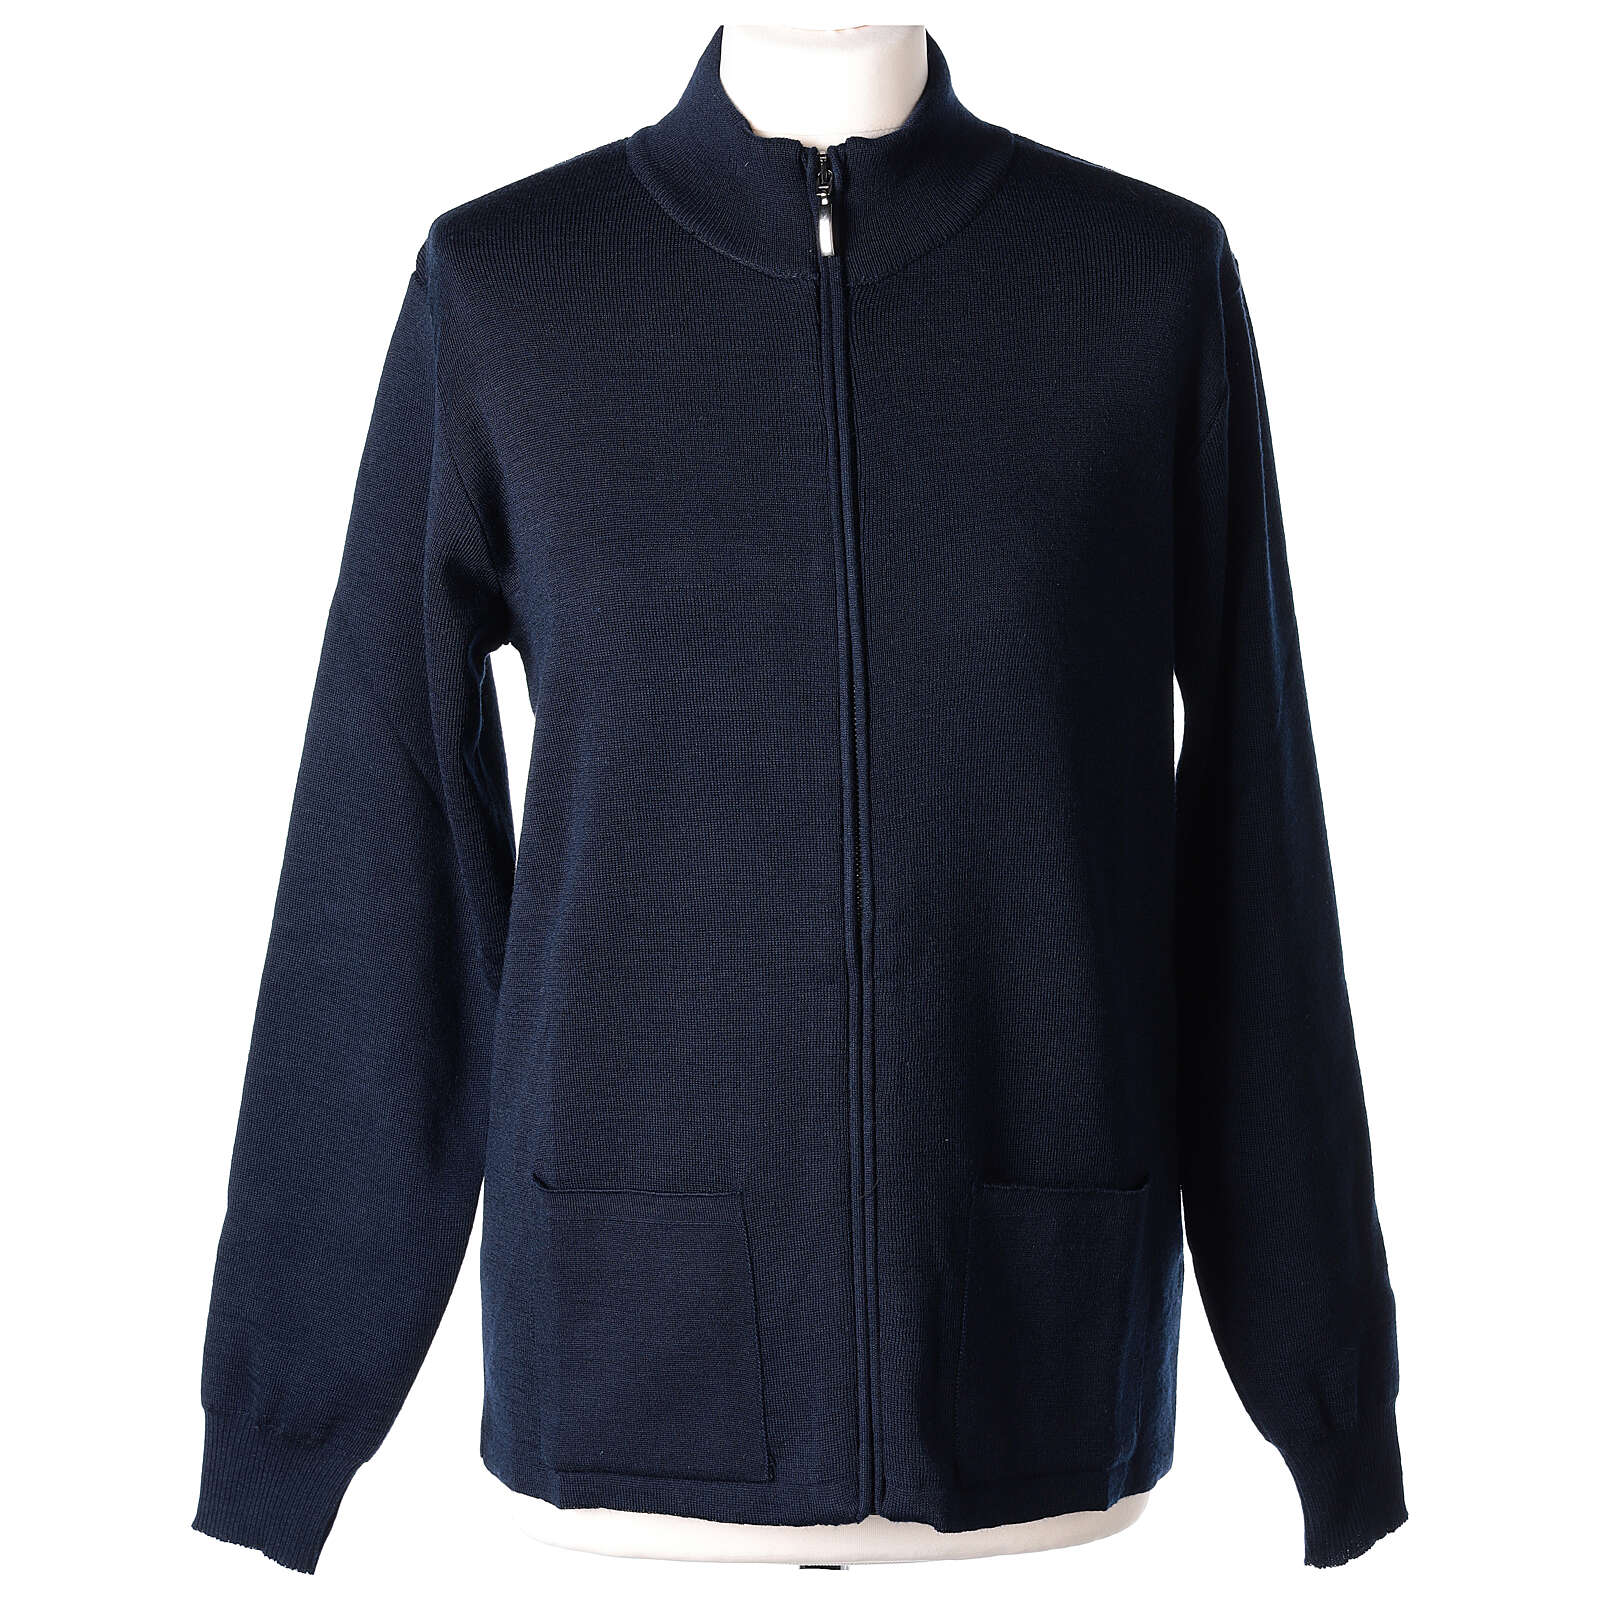 Jacke mit Stehkragen und Reißverschluß, blau, 50% Acryl - 50% Merinowolle, In Primis 4